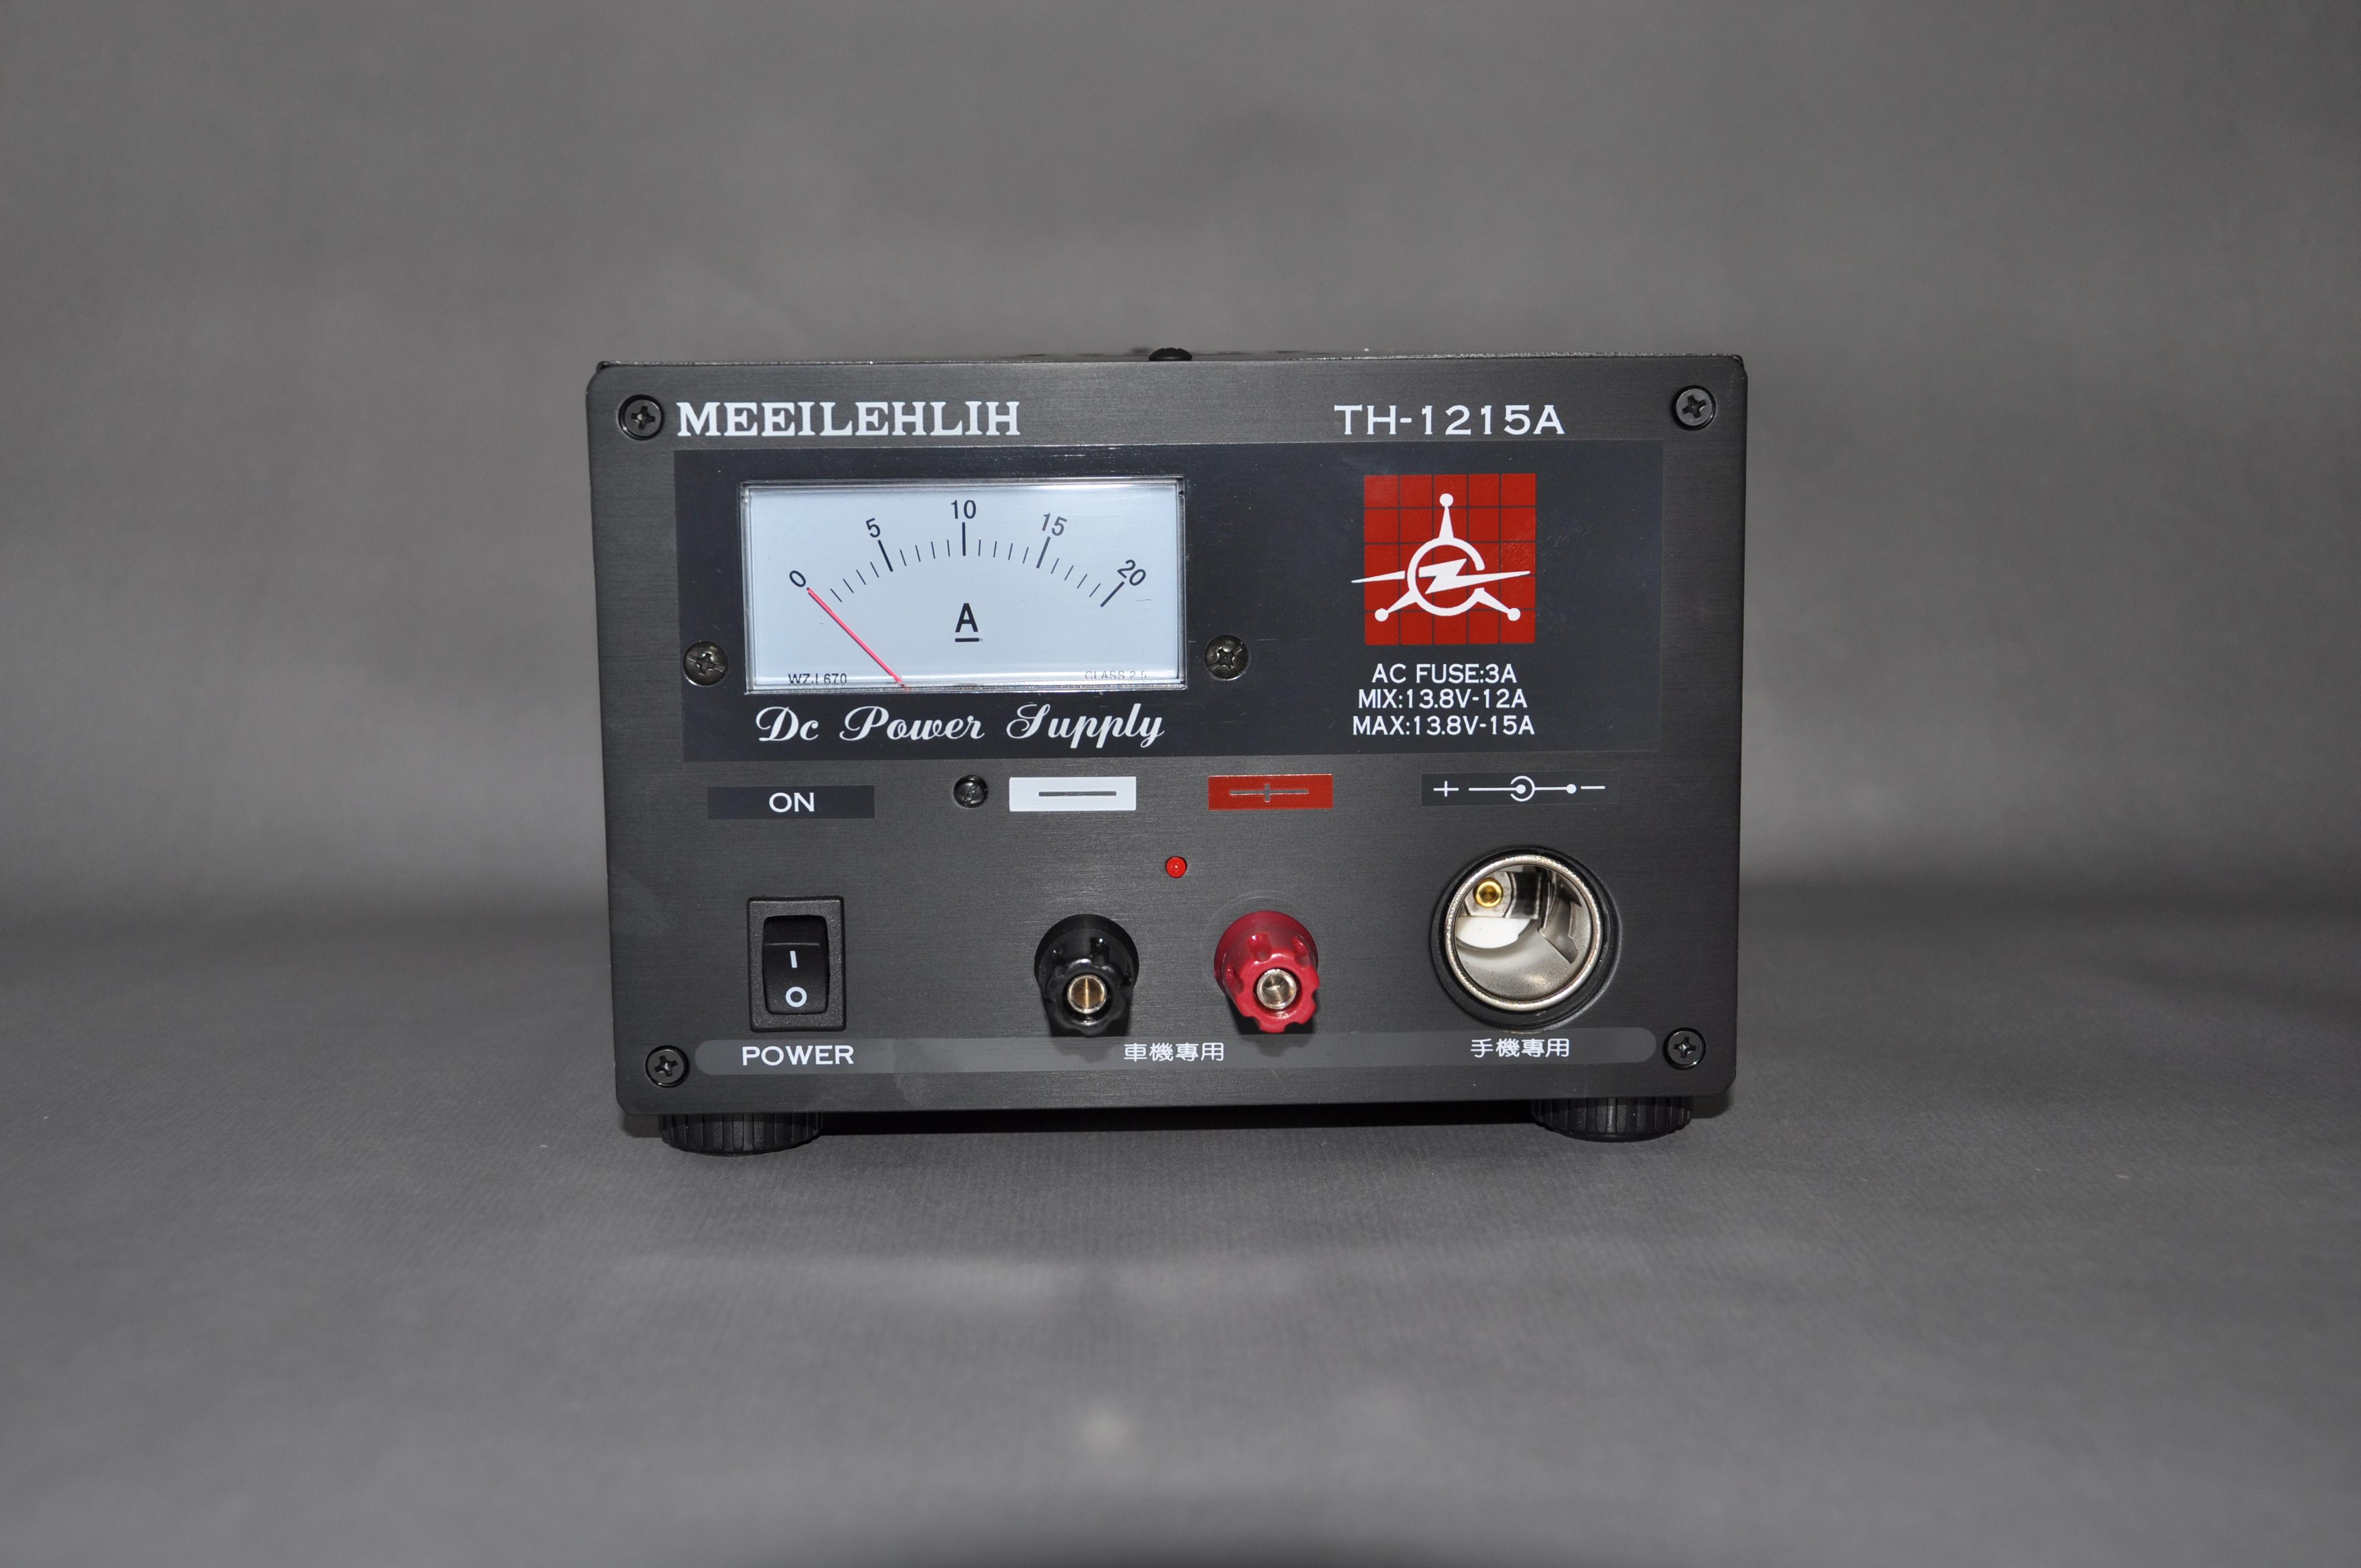 TH-1215A